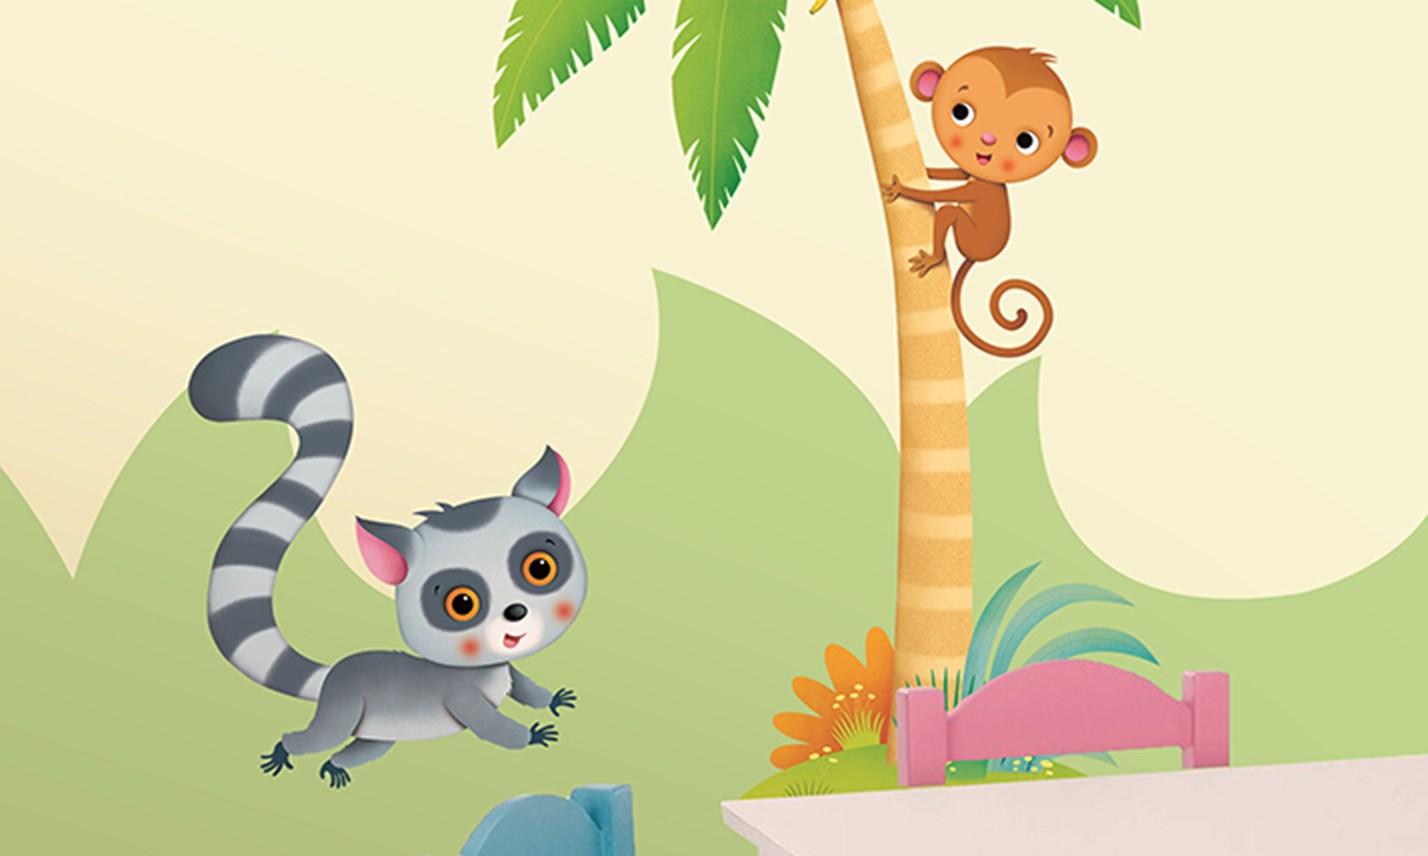 Decorazioni In Legno Per Bambini : Stickers murali bambini cameretta nella foresta tropicale